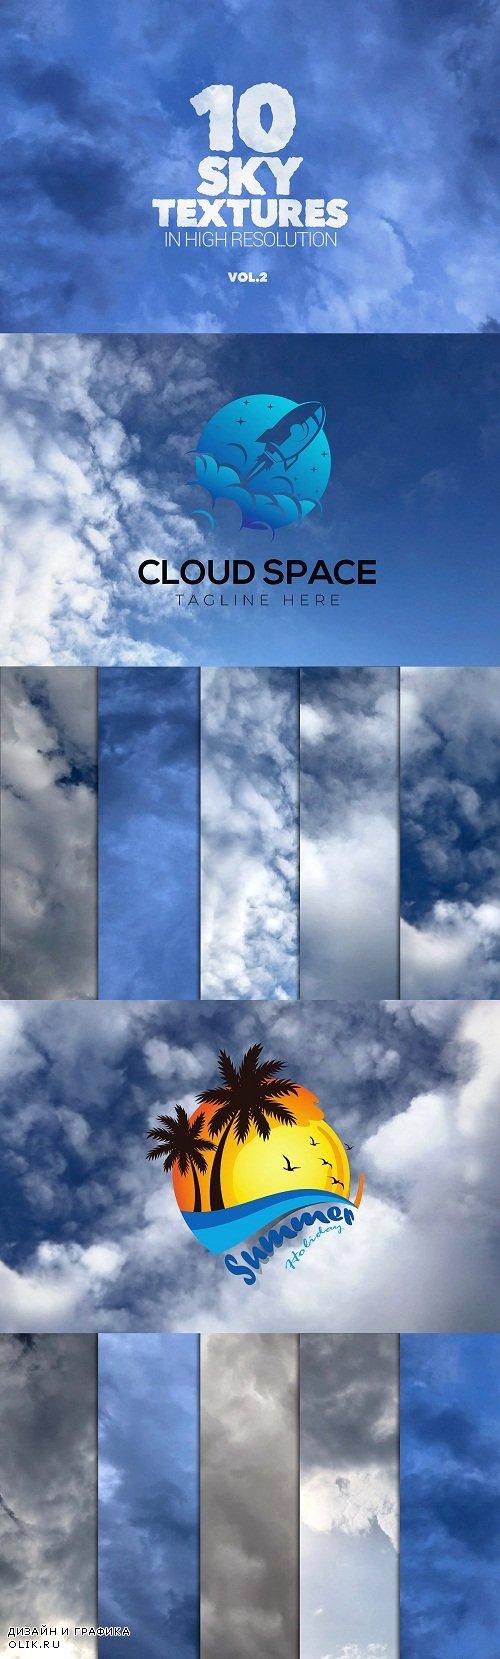 Sky Textures x10 vol2 - 3775166